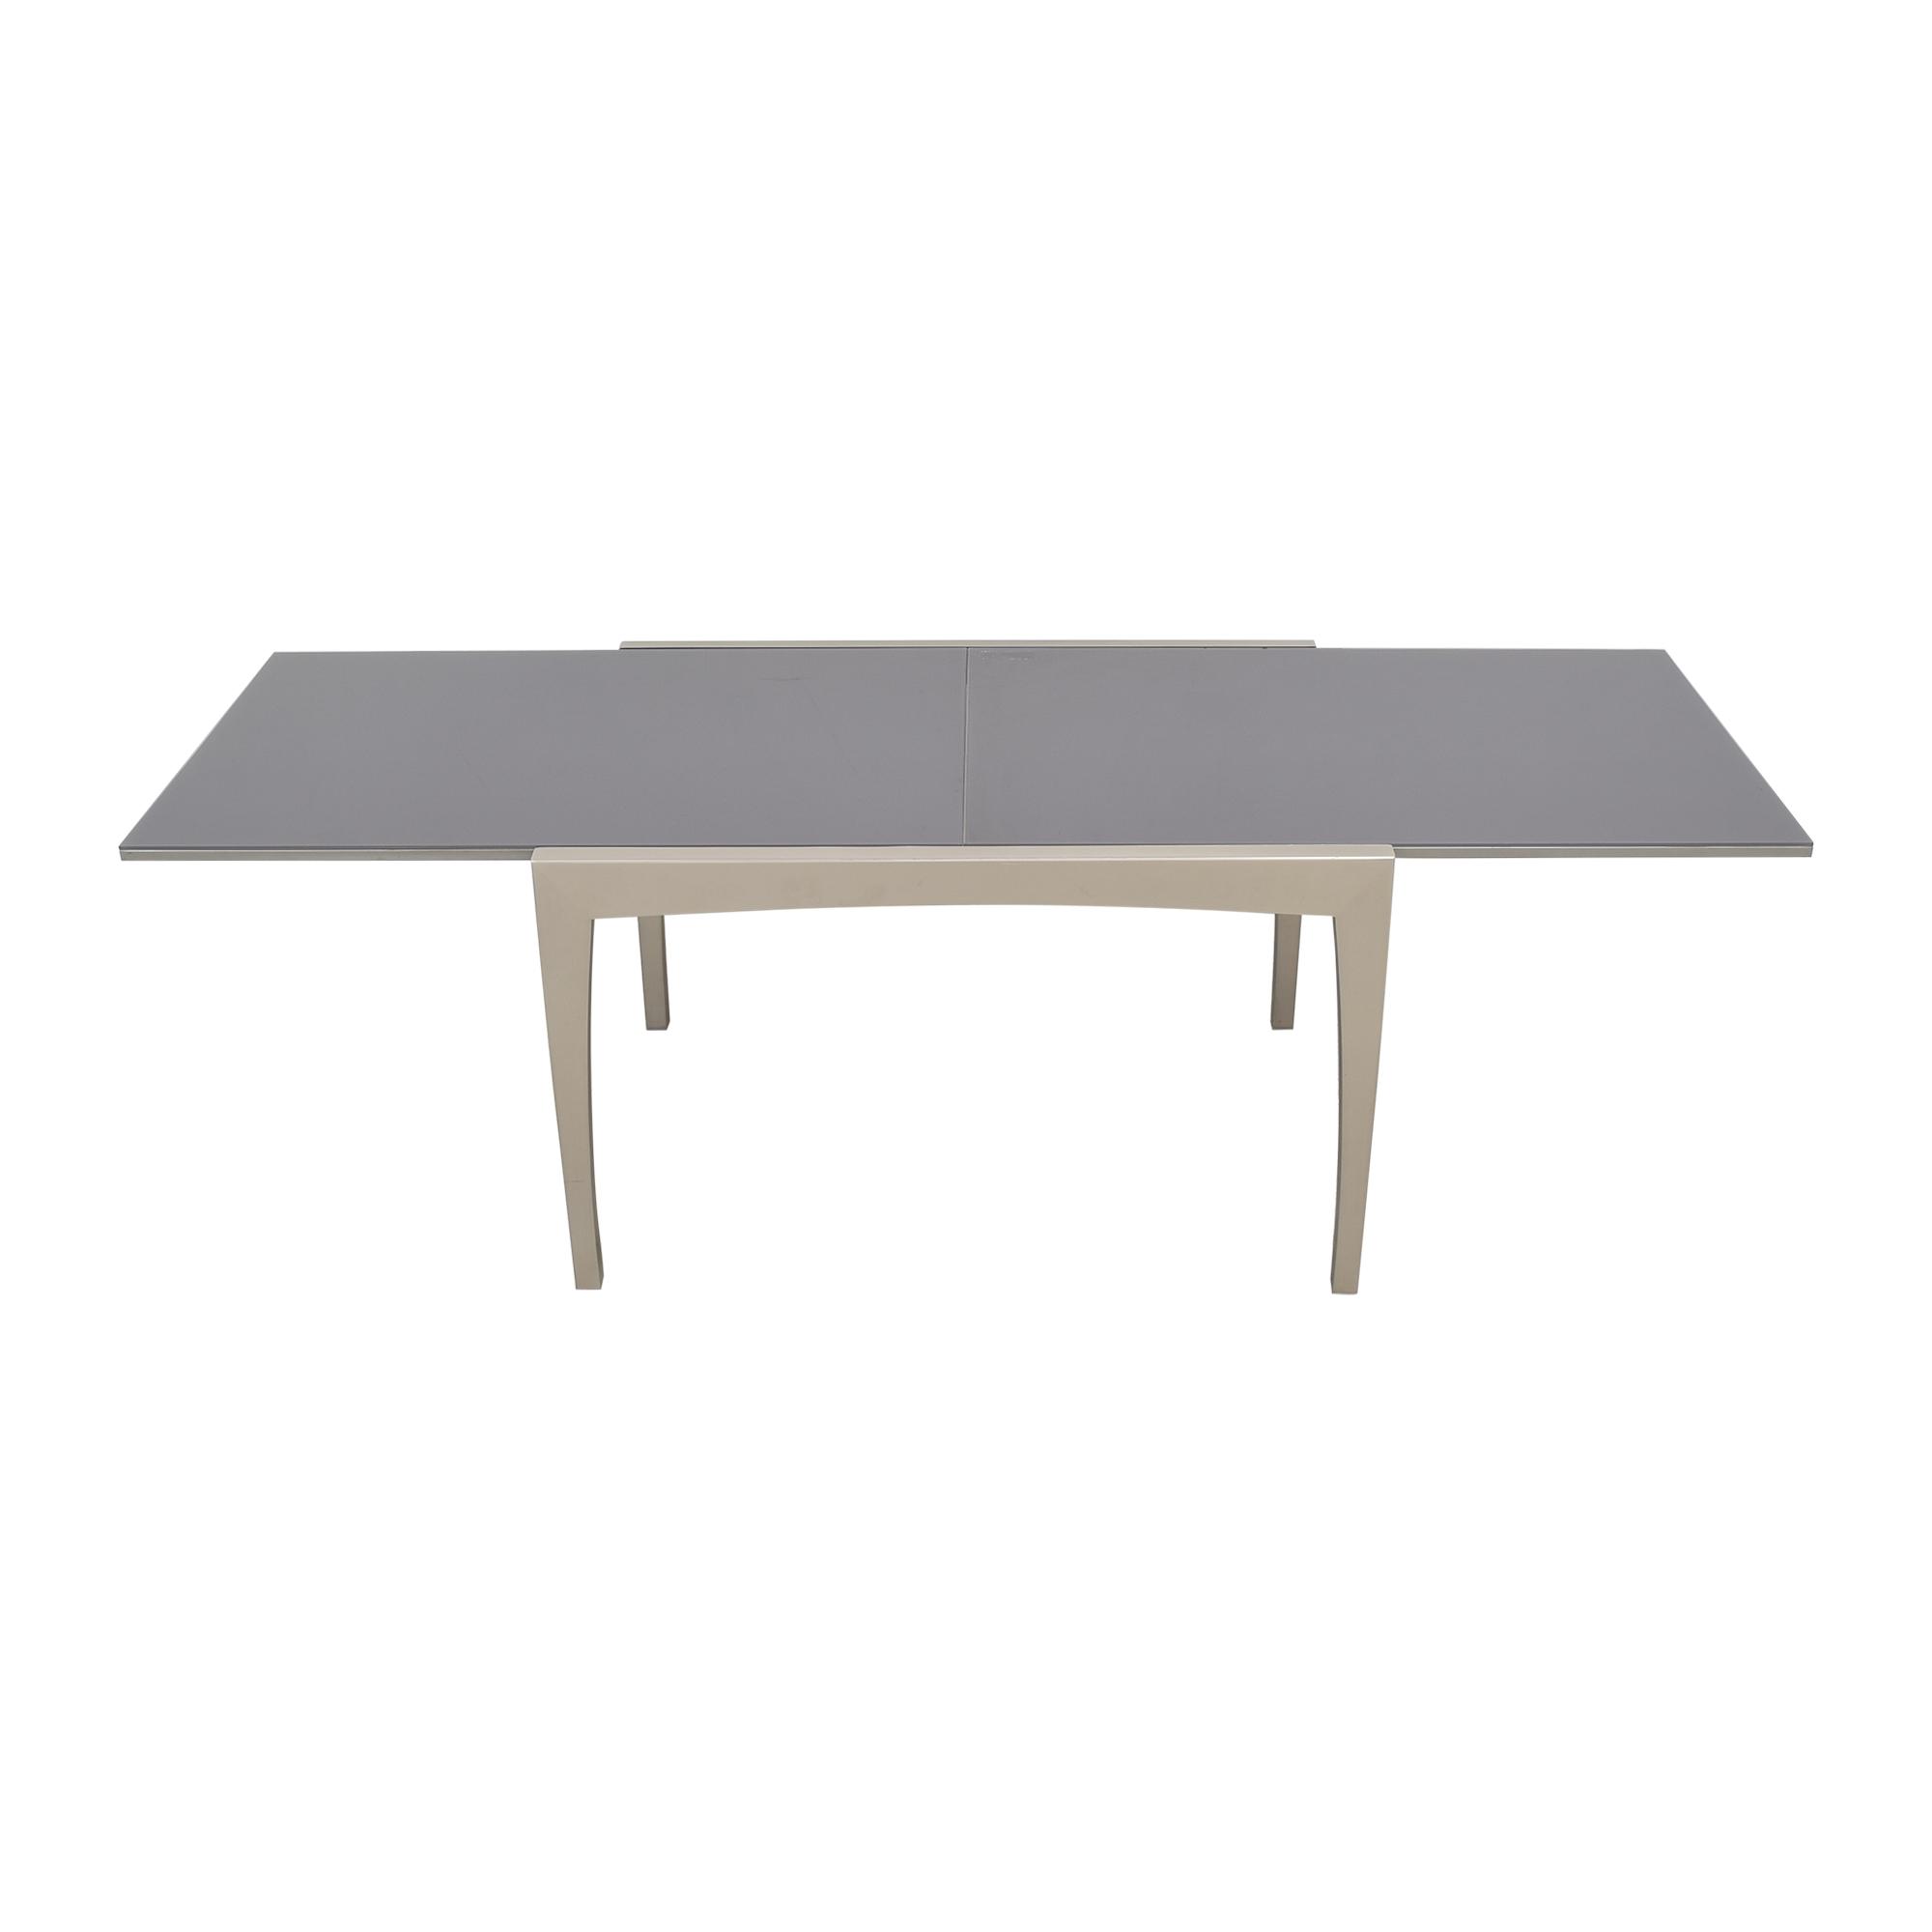 BoConcept BoConcept Expandable Dining Table